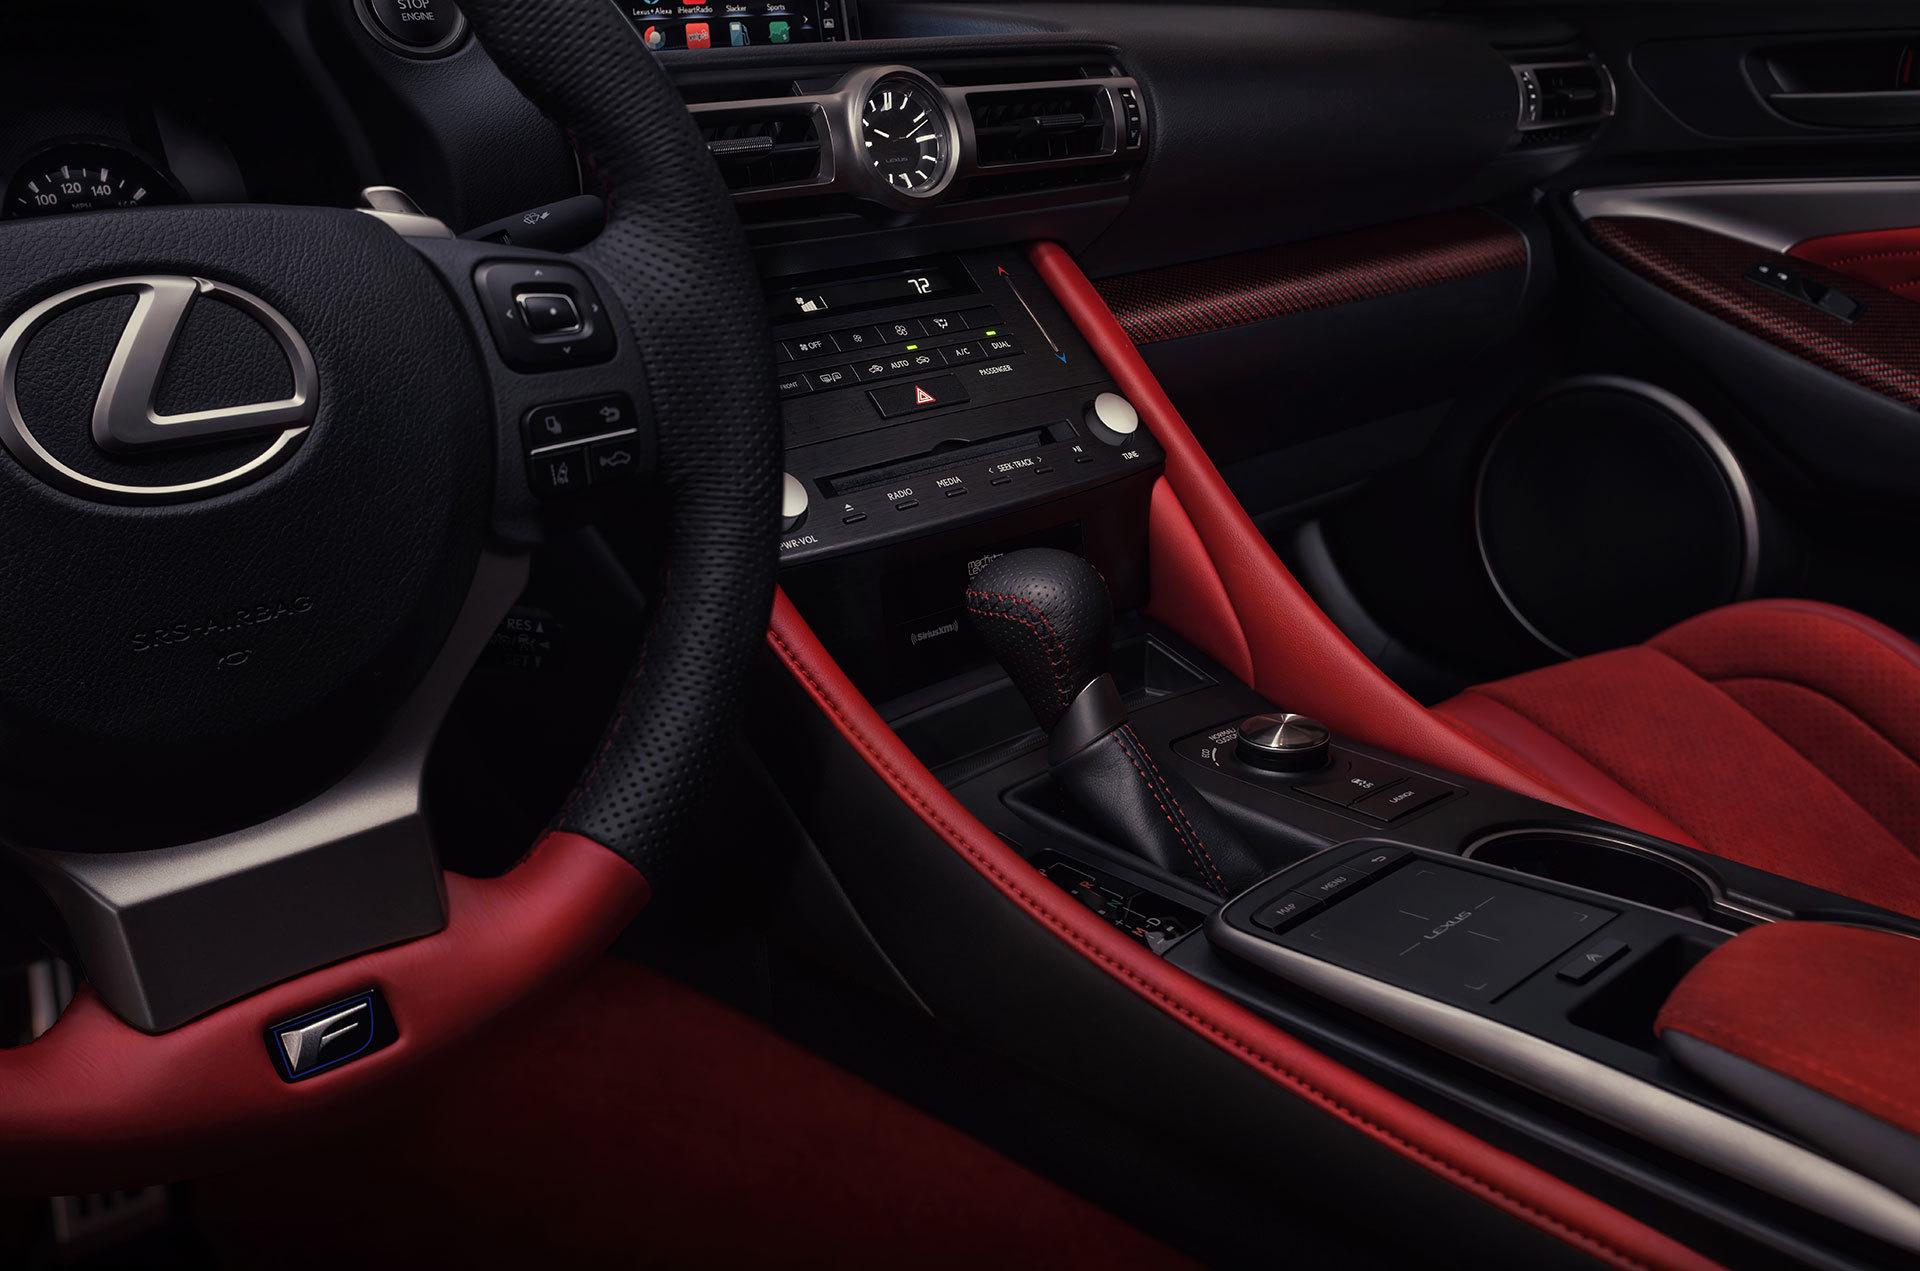 Lexus Rc F 2019 Interior 02